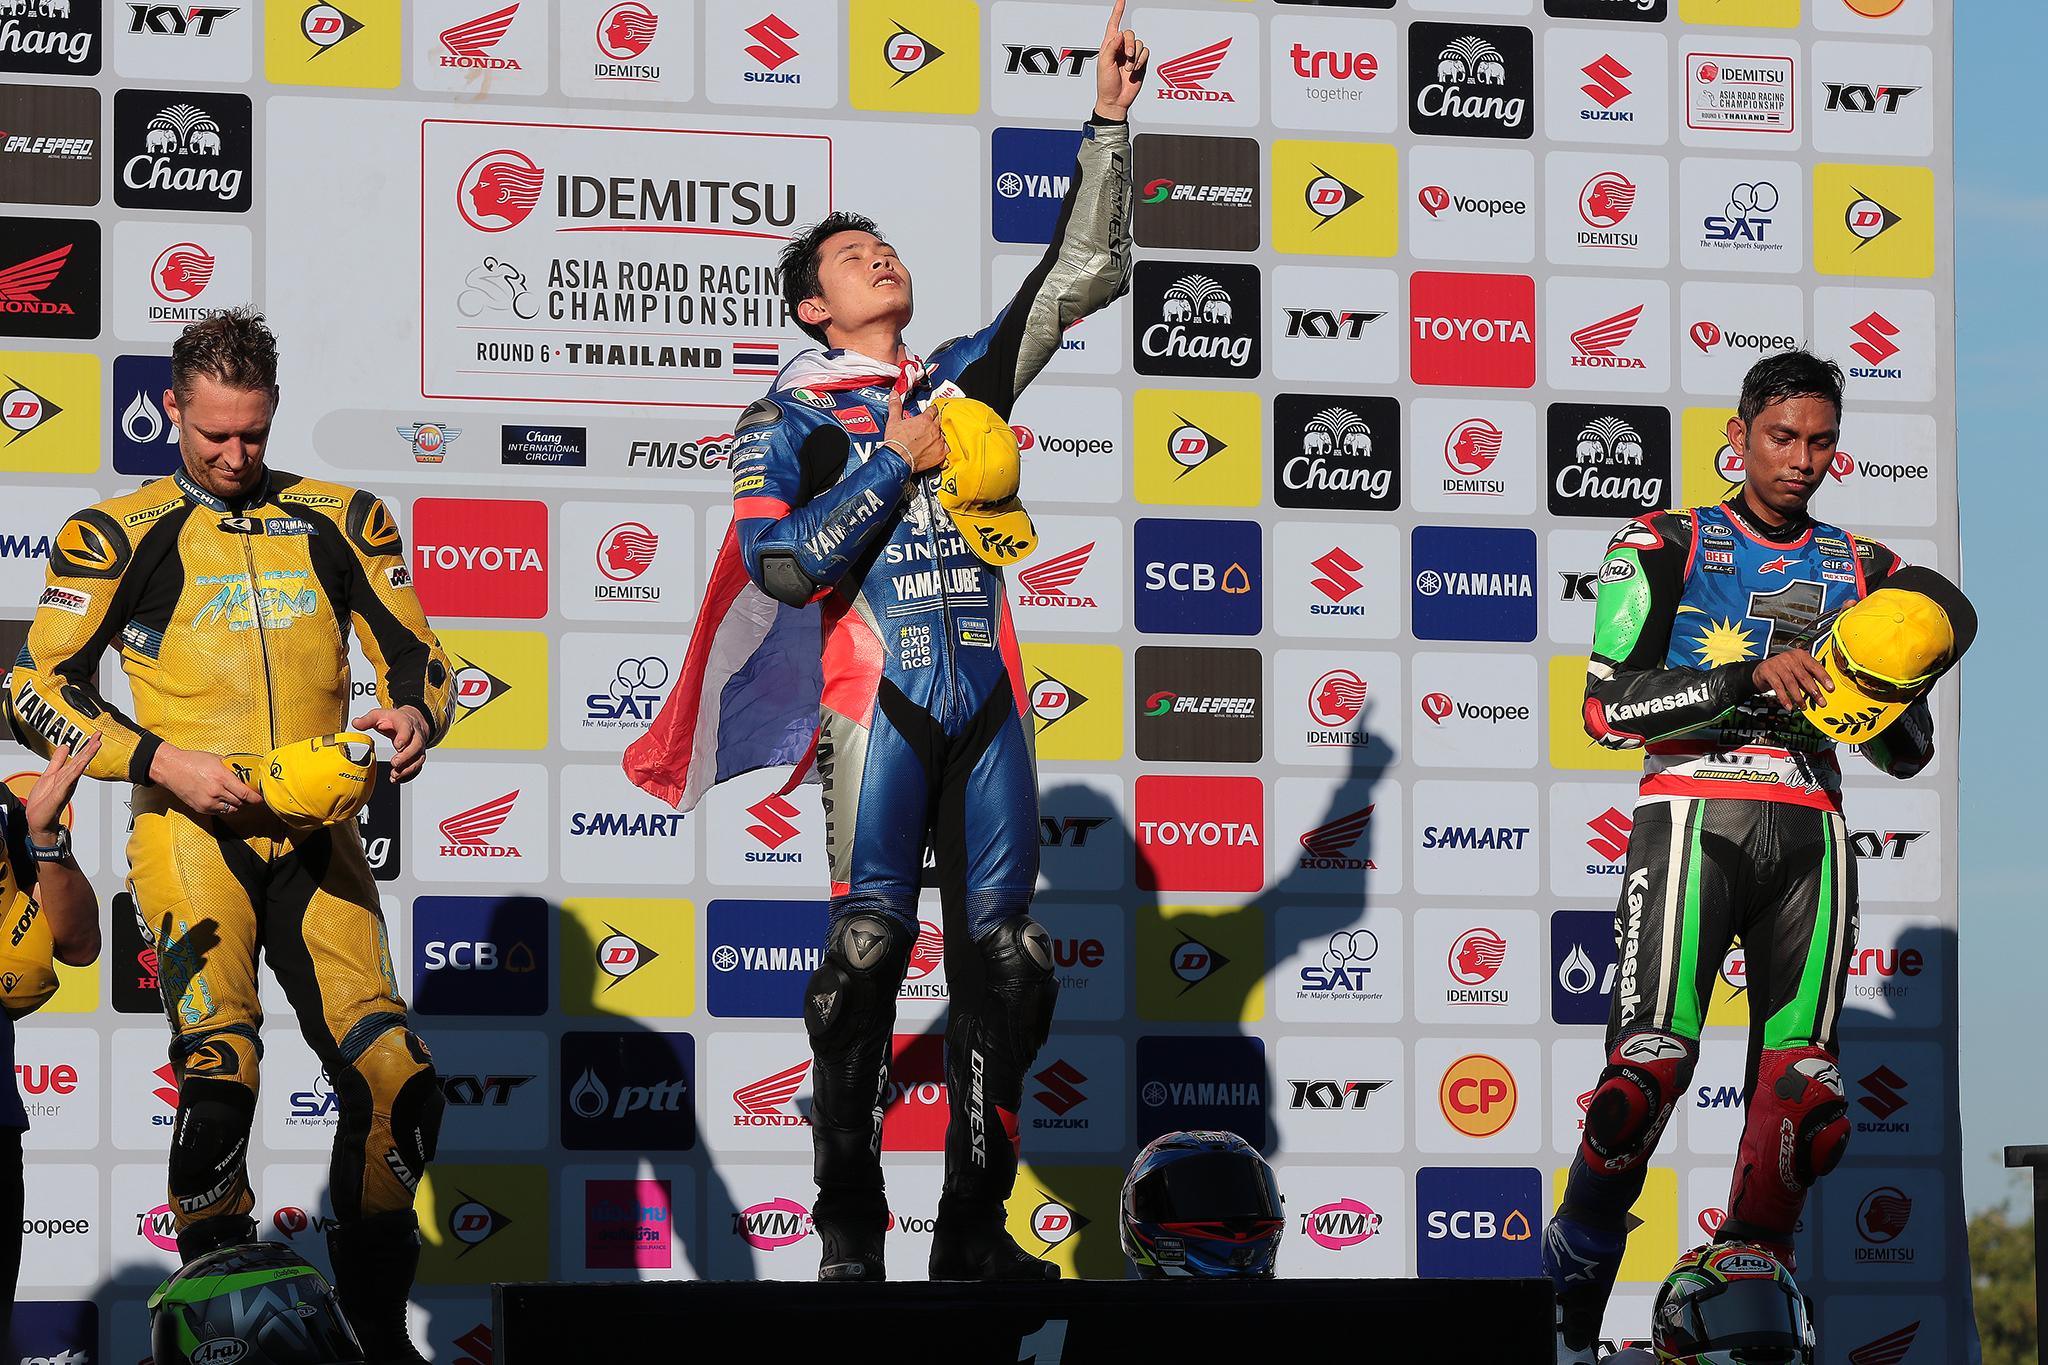 แสตมป์-อภิวัฒน์ ฟอร์มเฉียบคว้าเบิ้ลแชมป์เรซ2 ARRC2017 R6 ที่บุรีรัมย์